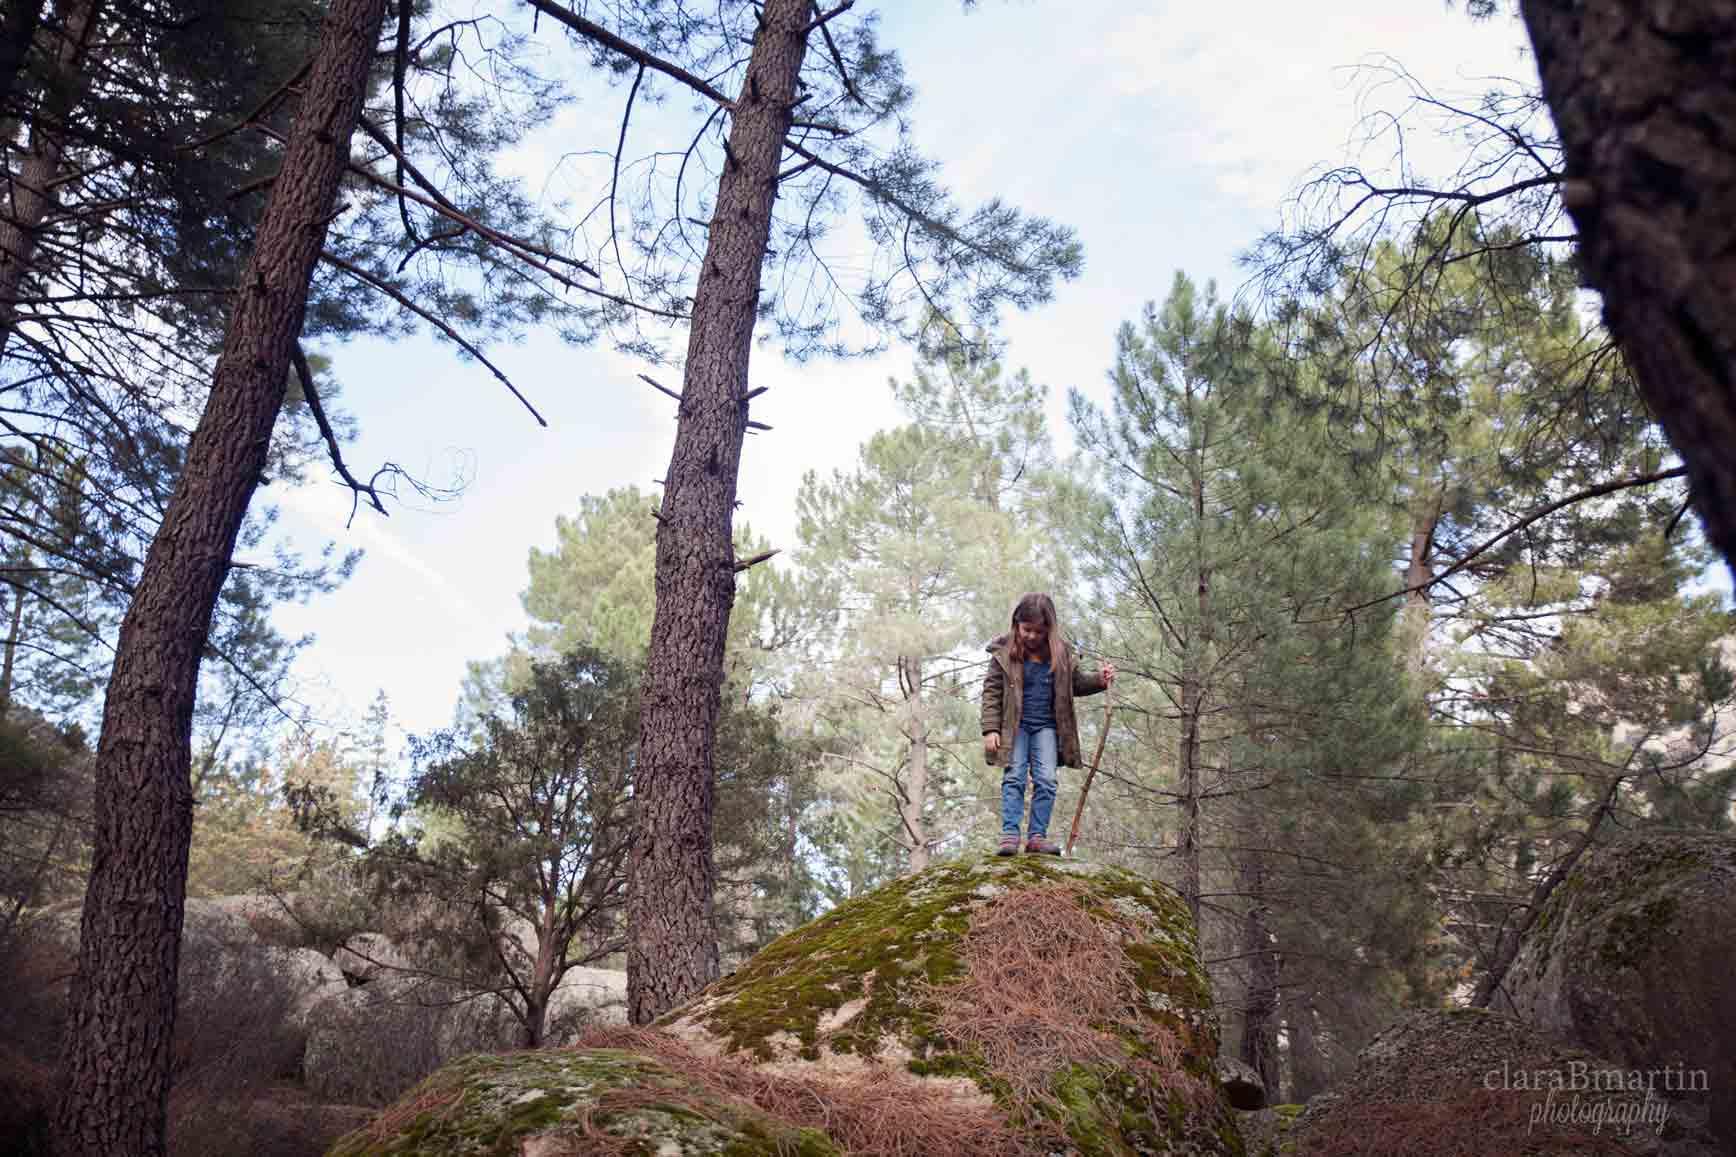 Bosques en Madrid para ir con niños - La Pedriza